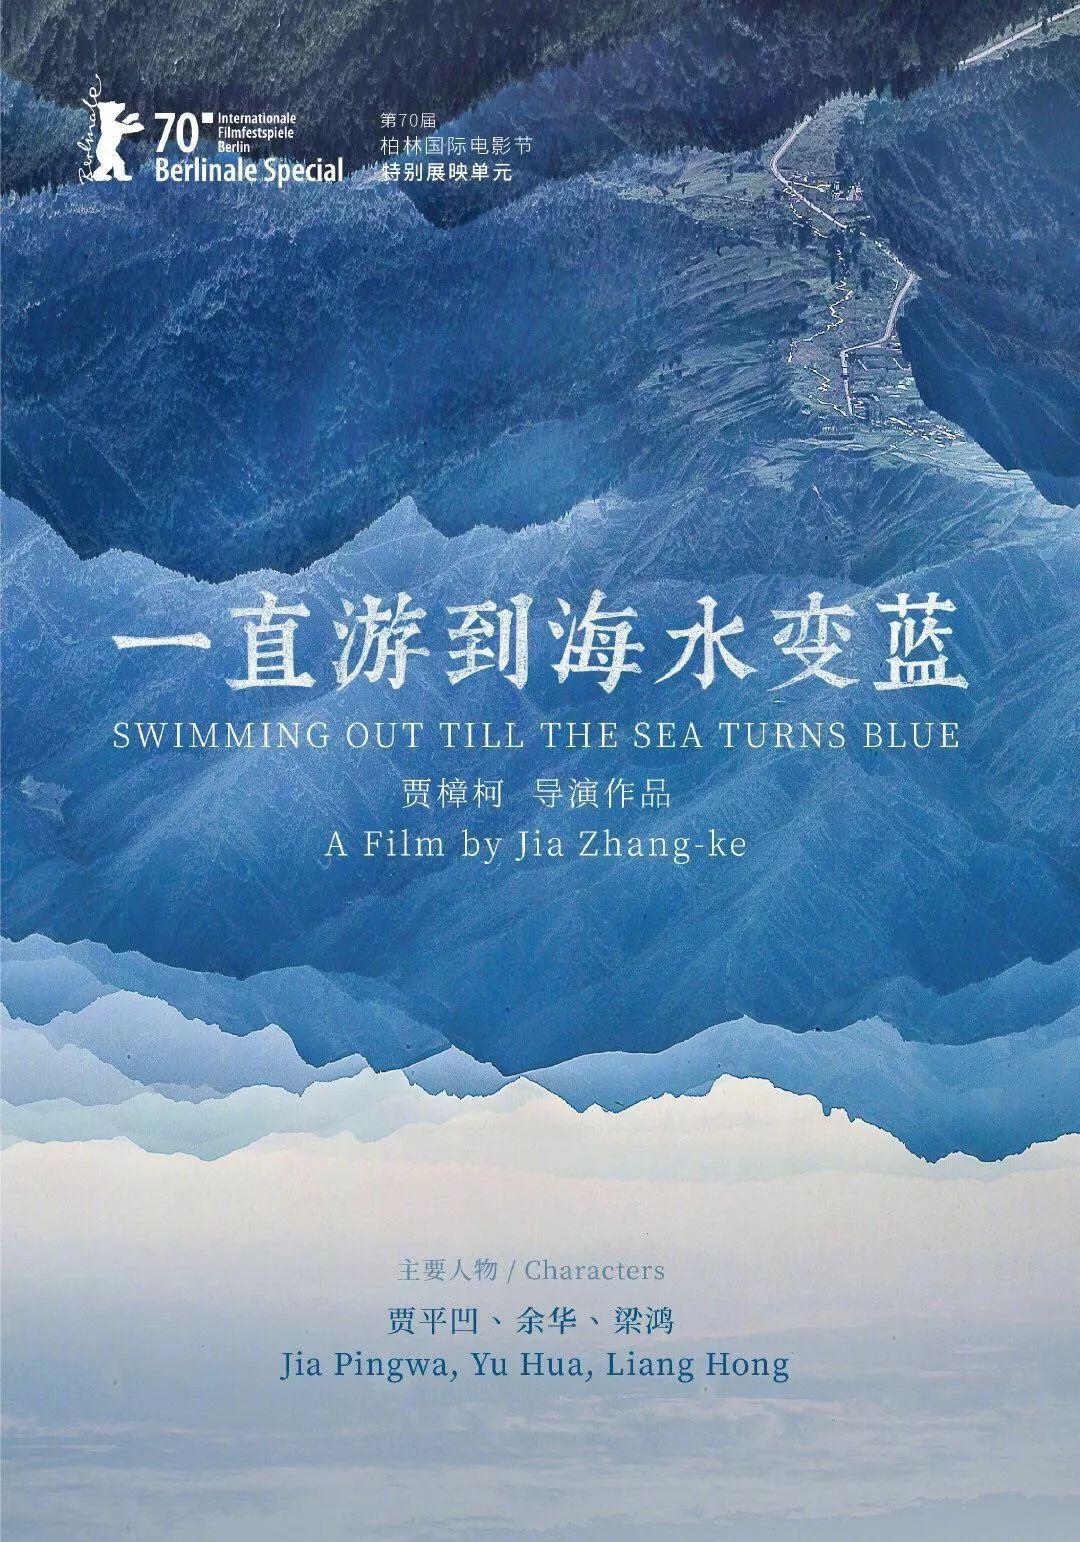 黄海操刀,贾樟柯新片《一直游到海水变蓝》海报火了